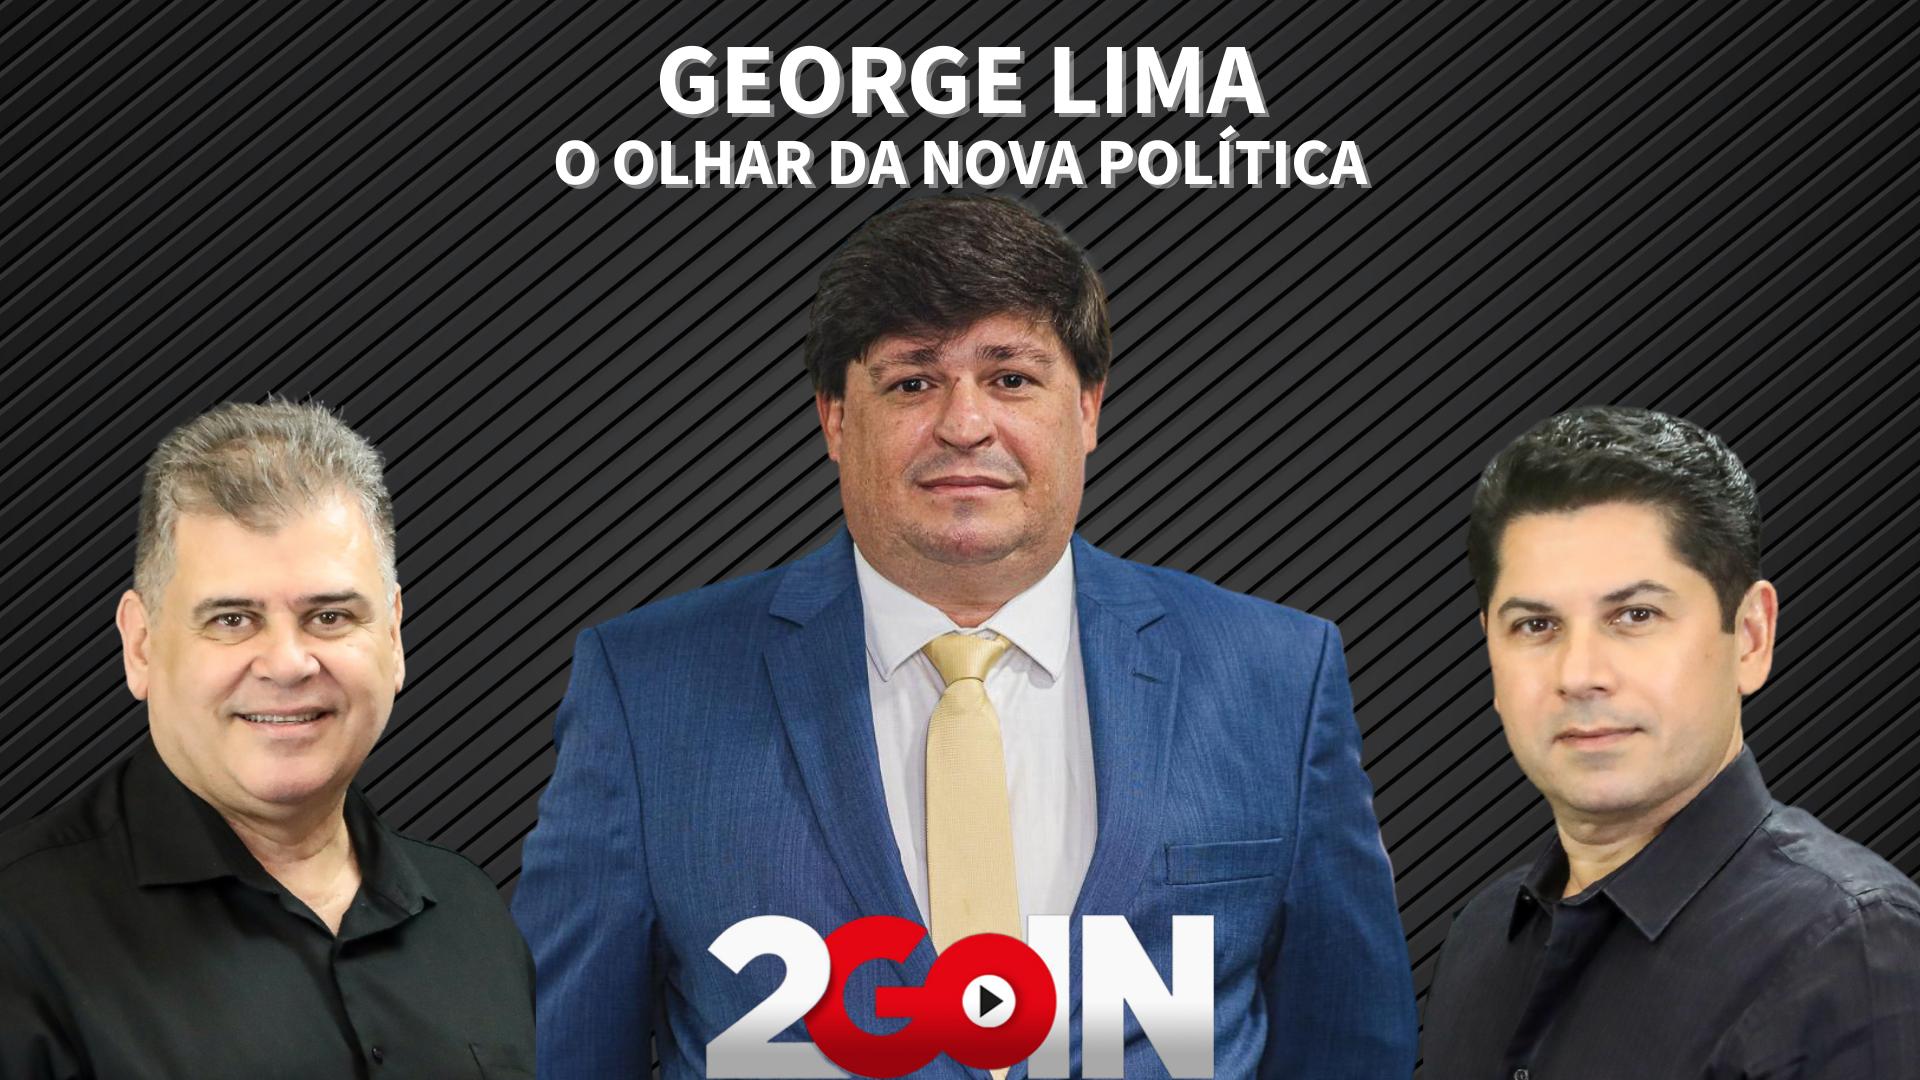 George Lima: O olhar da nova política